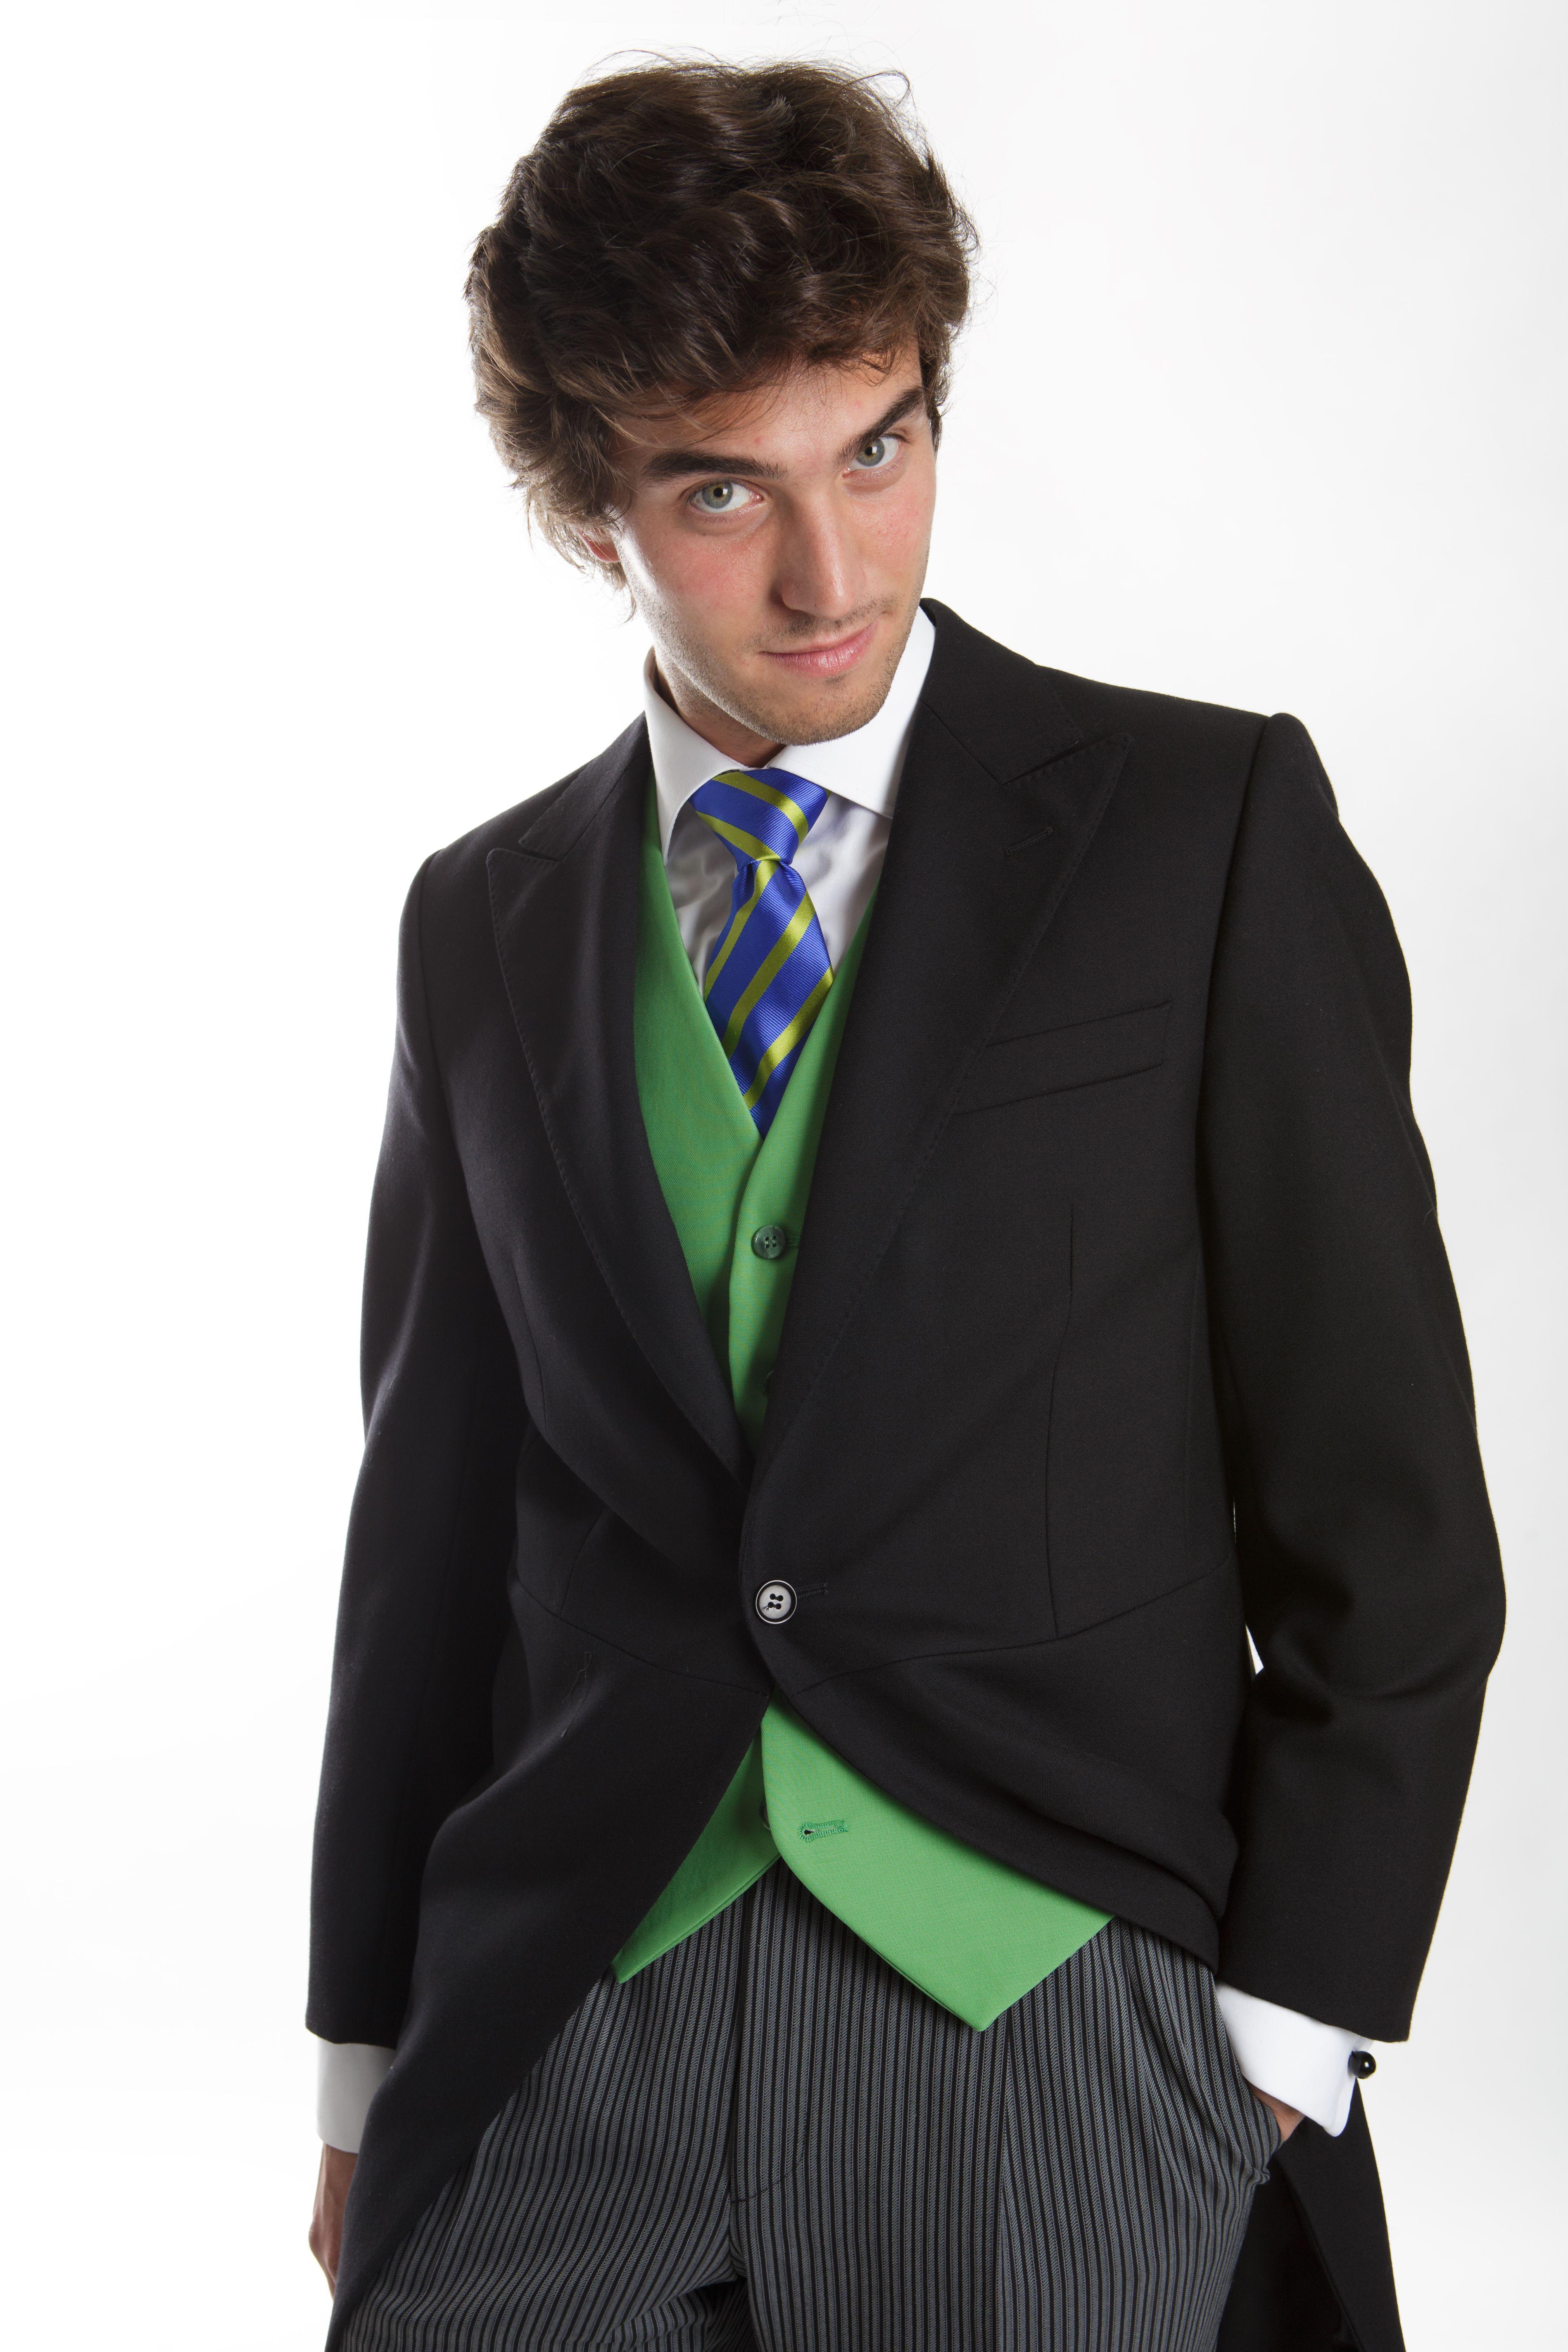 fdce227877a57 Chaqué clásico con corbata y chaleco verde. Elegancia total ...